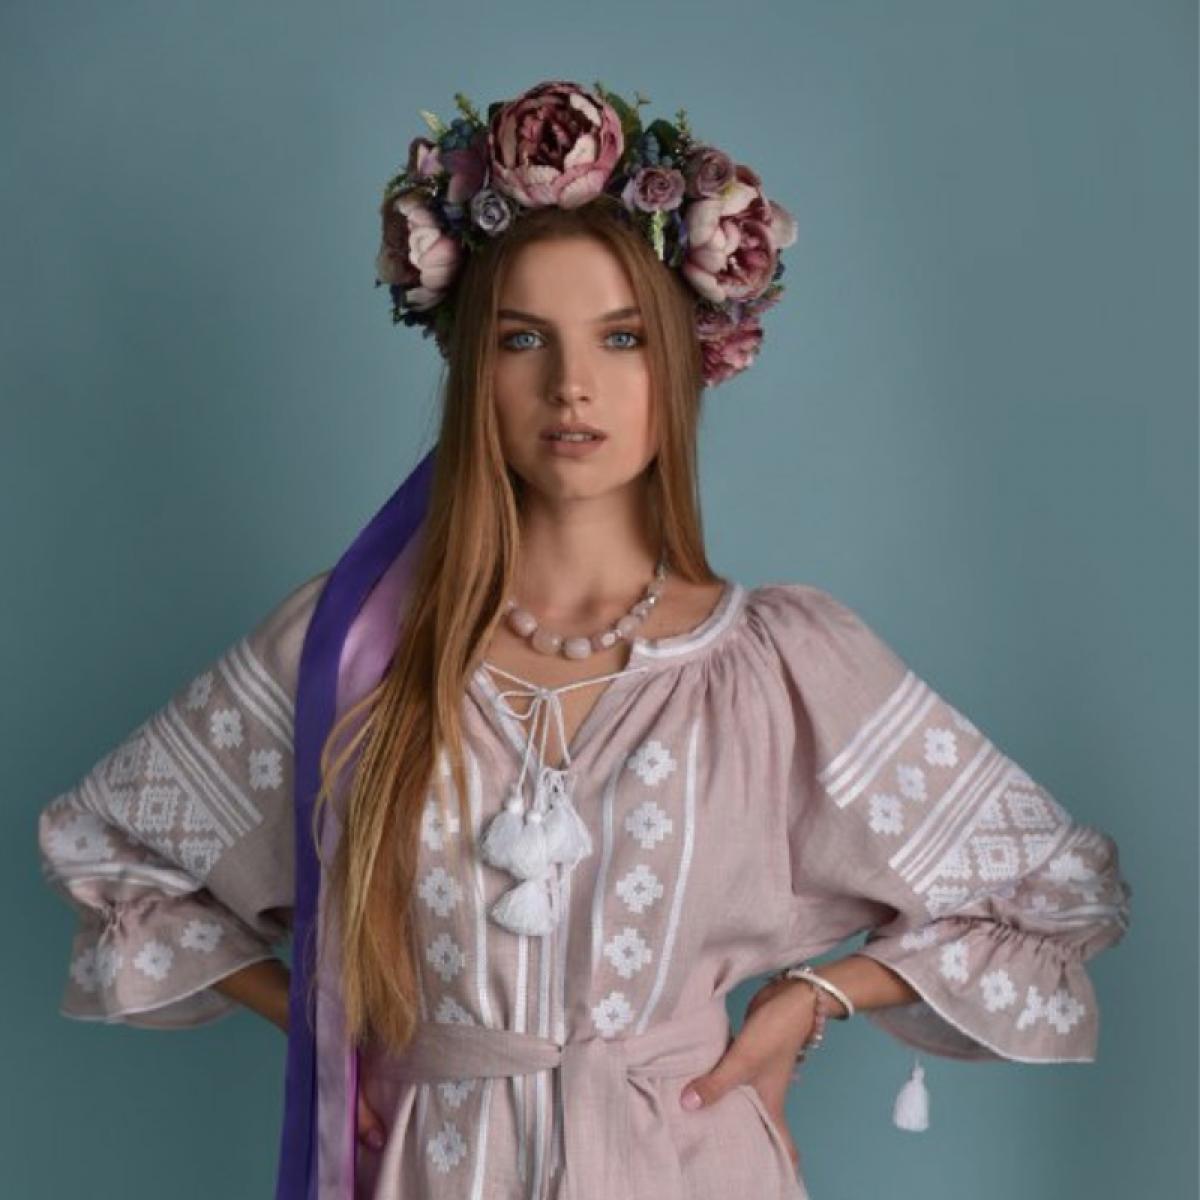 Рожевий віночок з піонами ручної роботи. Фото №1. | Народний дім Україна